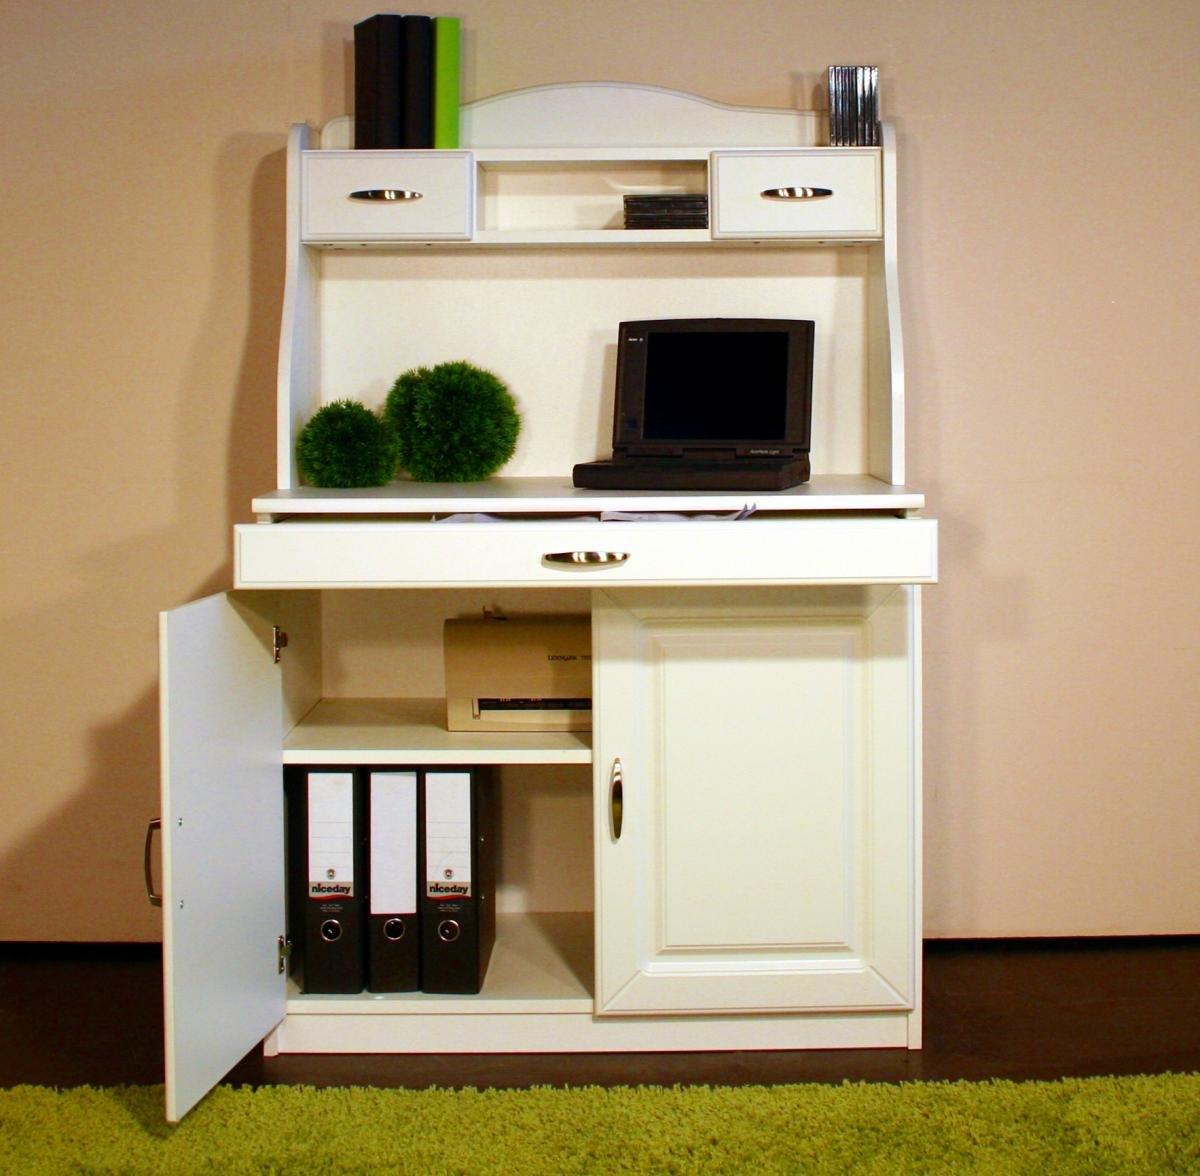 7111 - Sekretär im Landhaus - Stil, in Weiß: Amazon.de: Küche ...